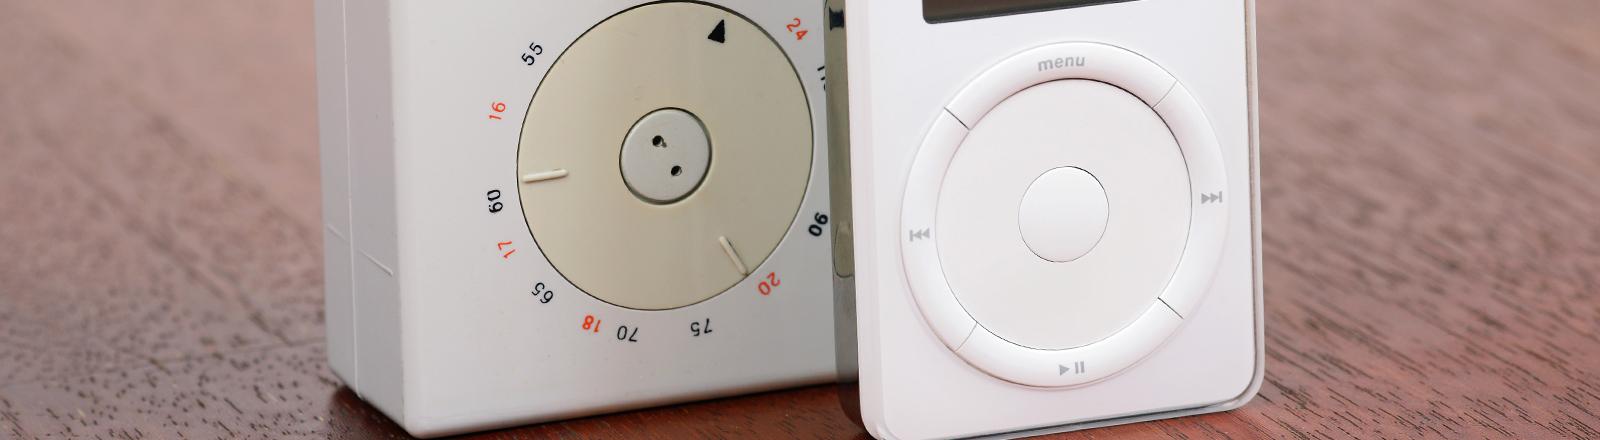 Ein Taschenradio von Braun aus dem Jahr 1958  steht neben einem iPod der Firma Apple.